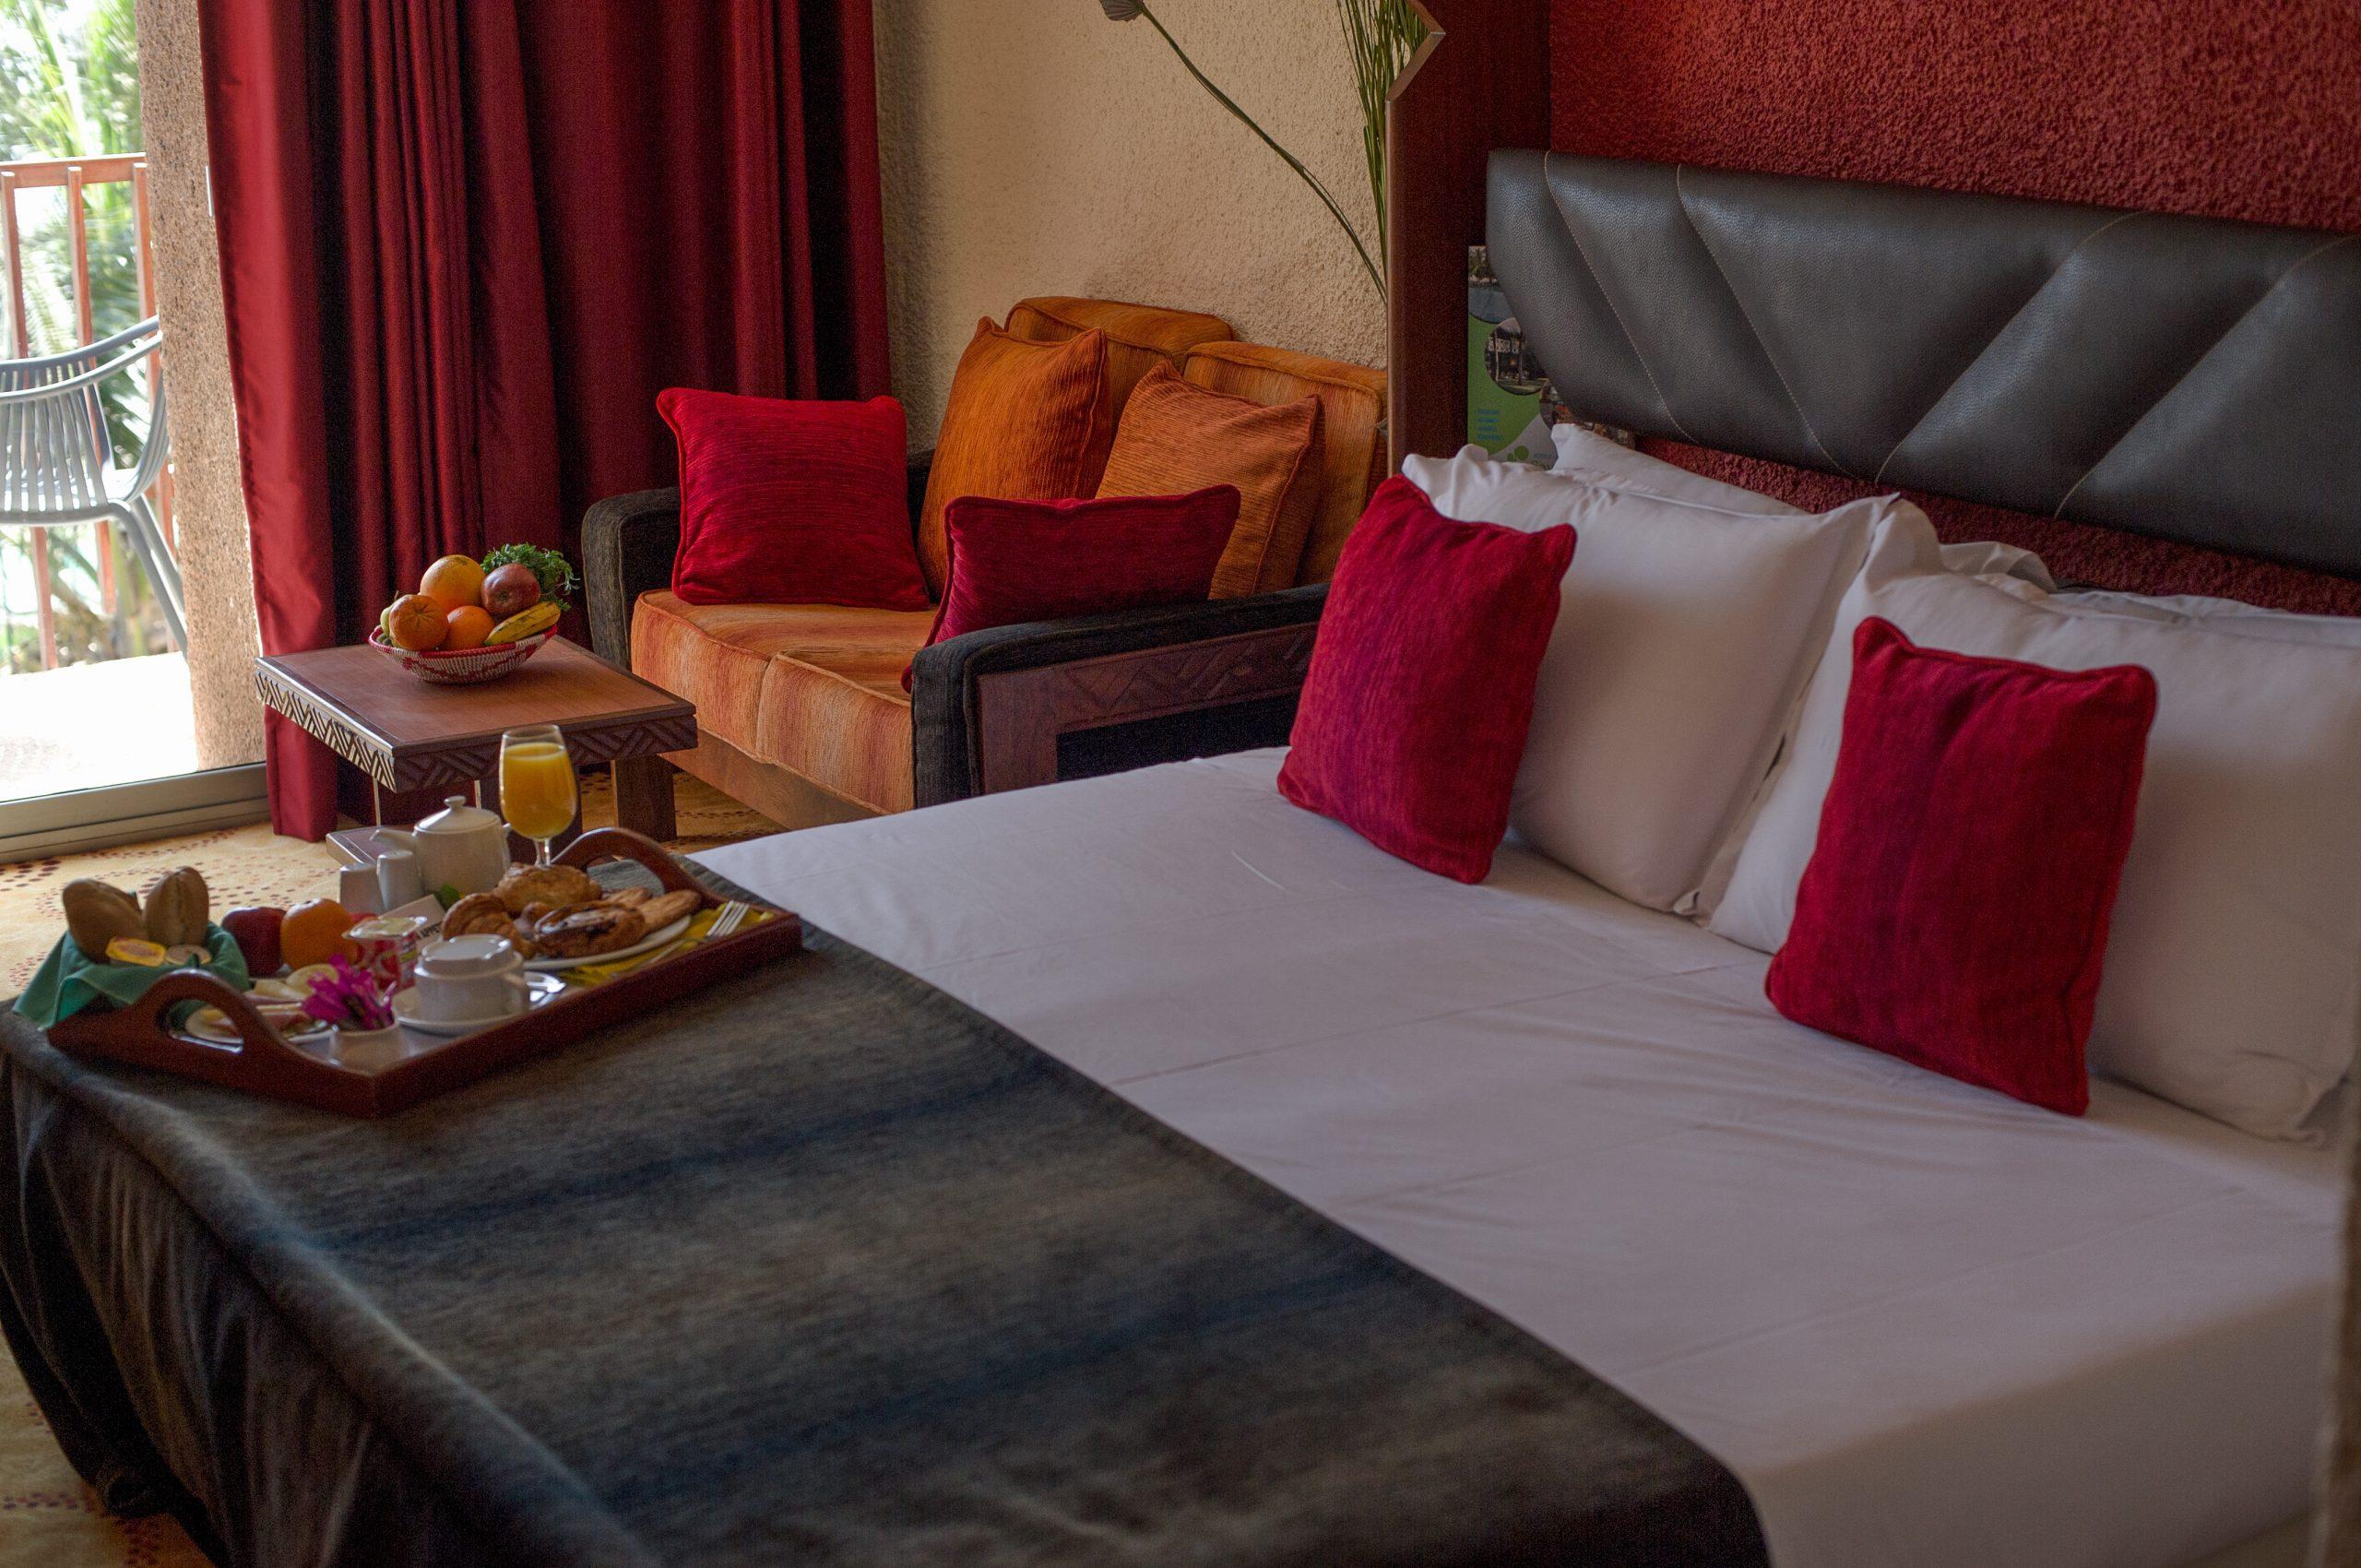 Hotel Jardin Savana Dakar à Hotel Jardin Savana Dakar